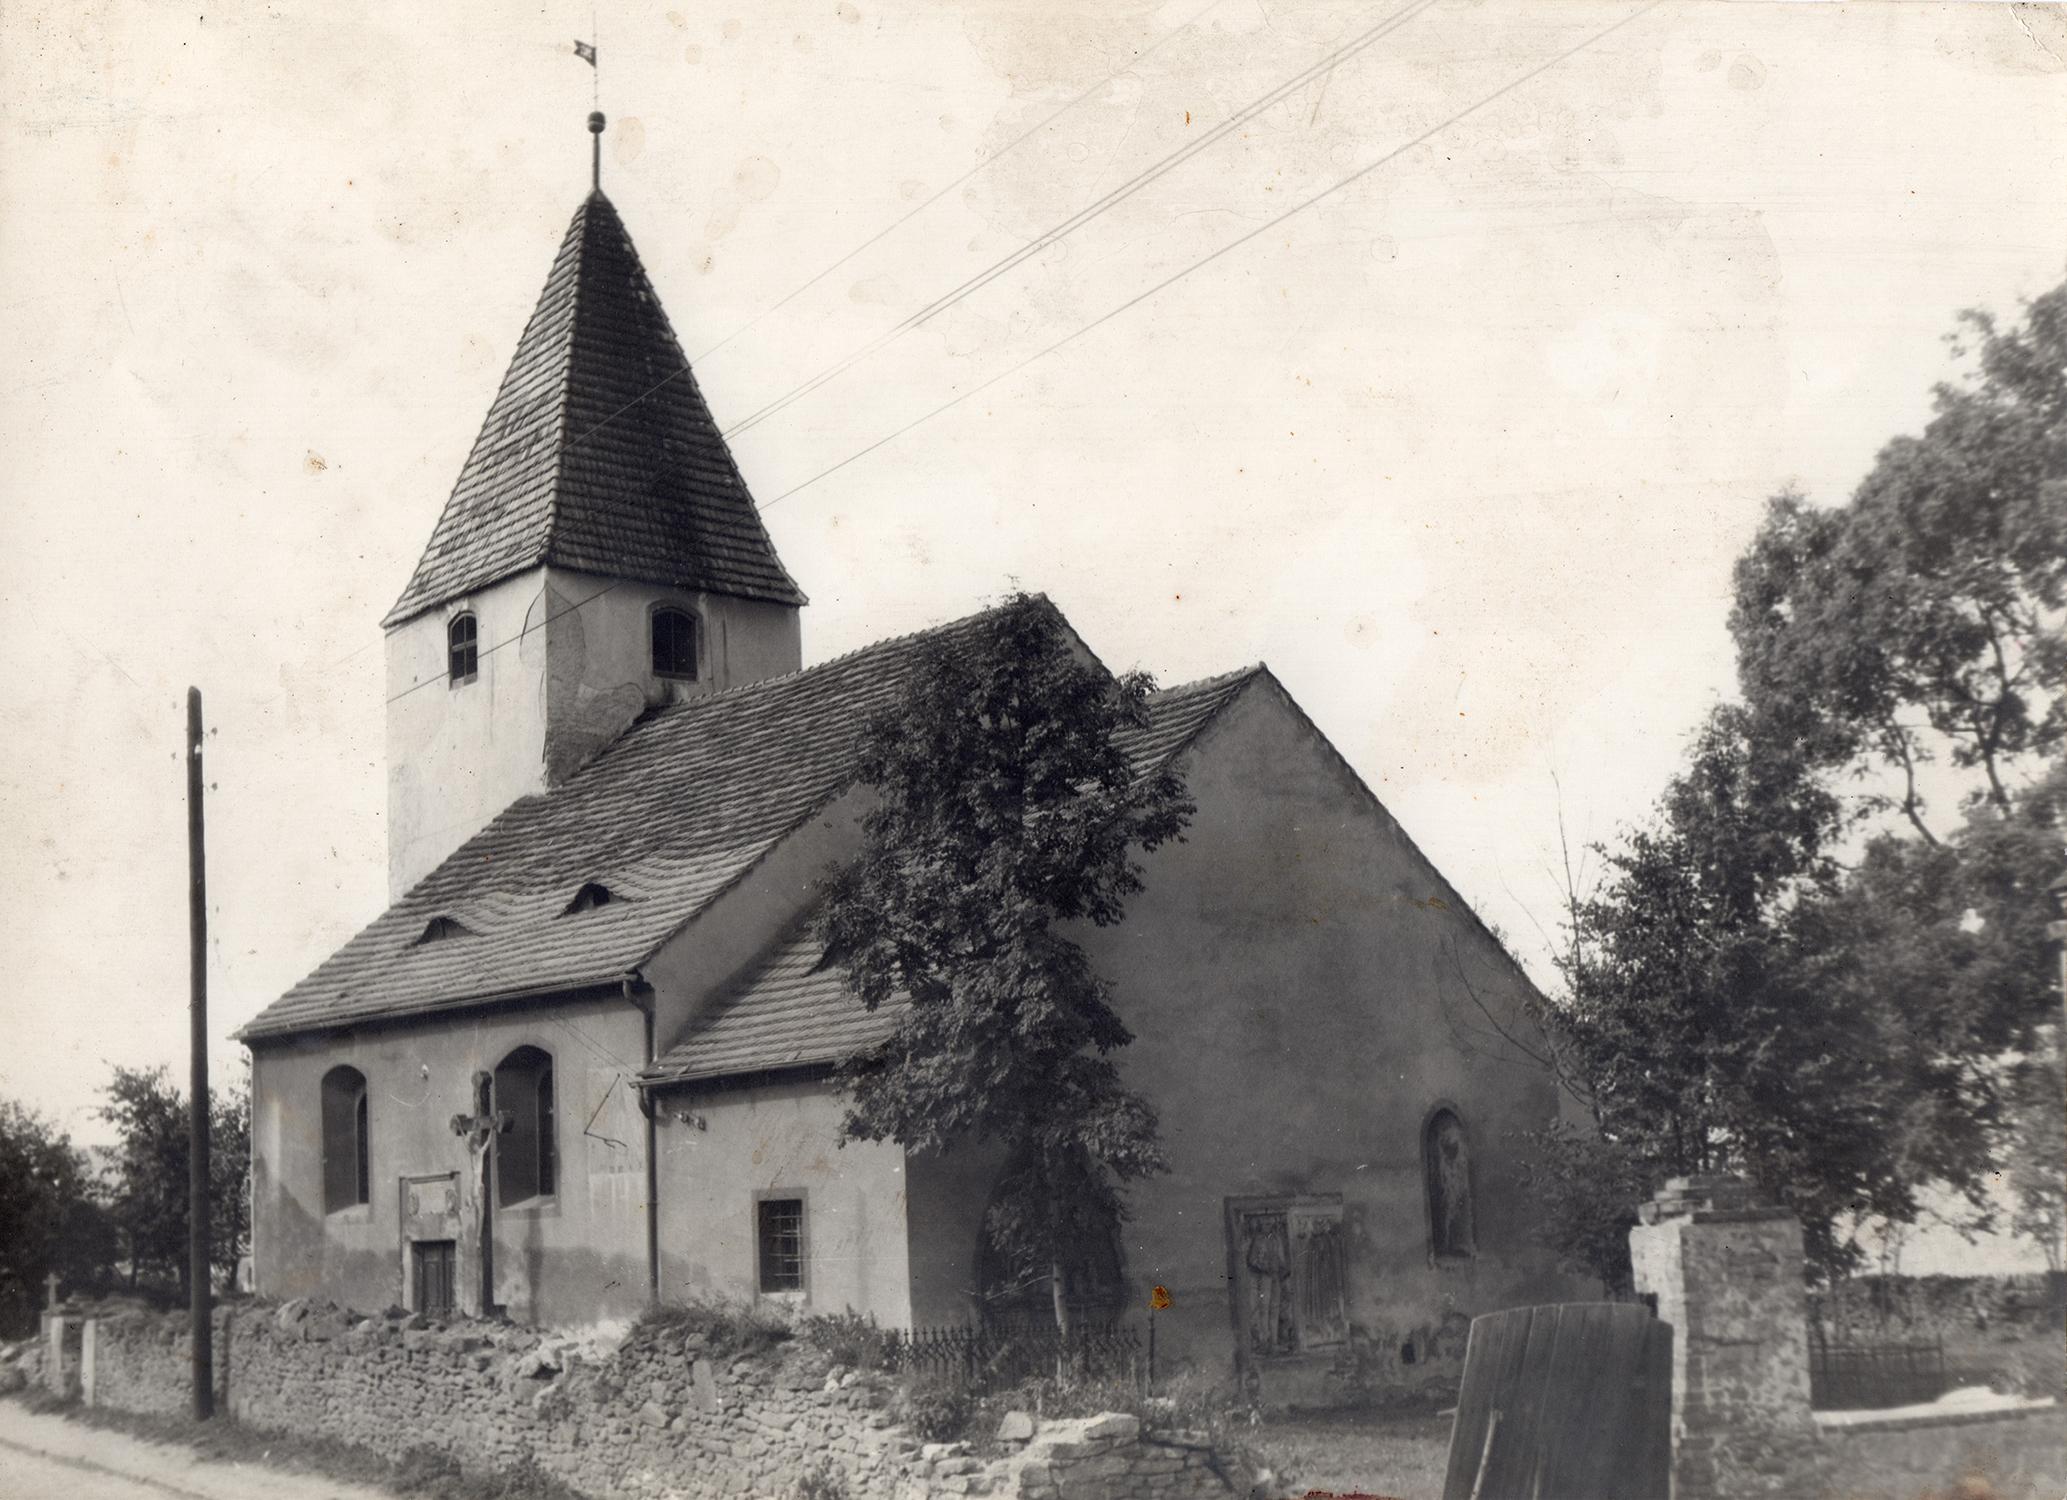 Fotografia zabytkowego Kościoła w Łażanach lata 80-te XX wieku